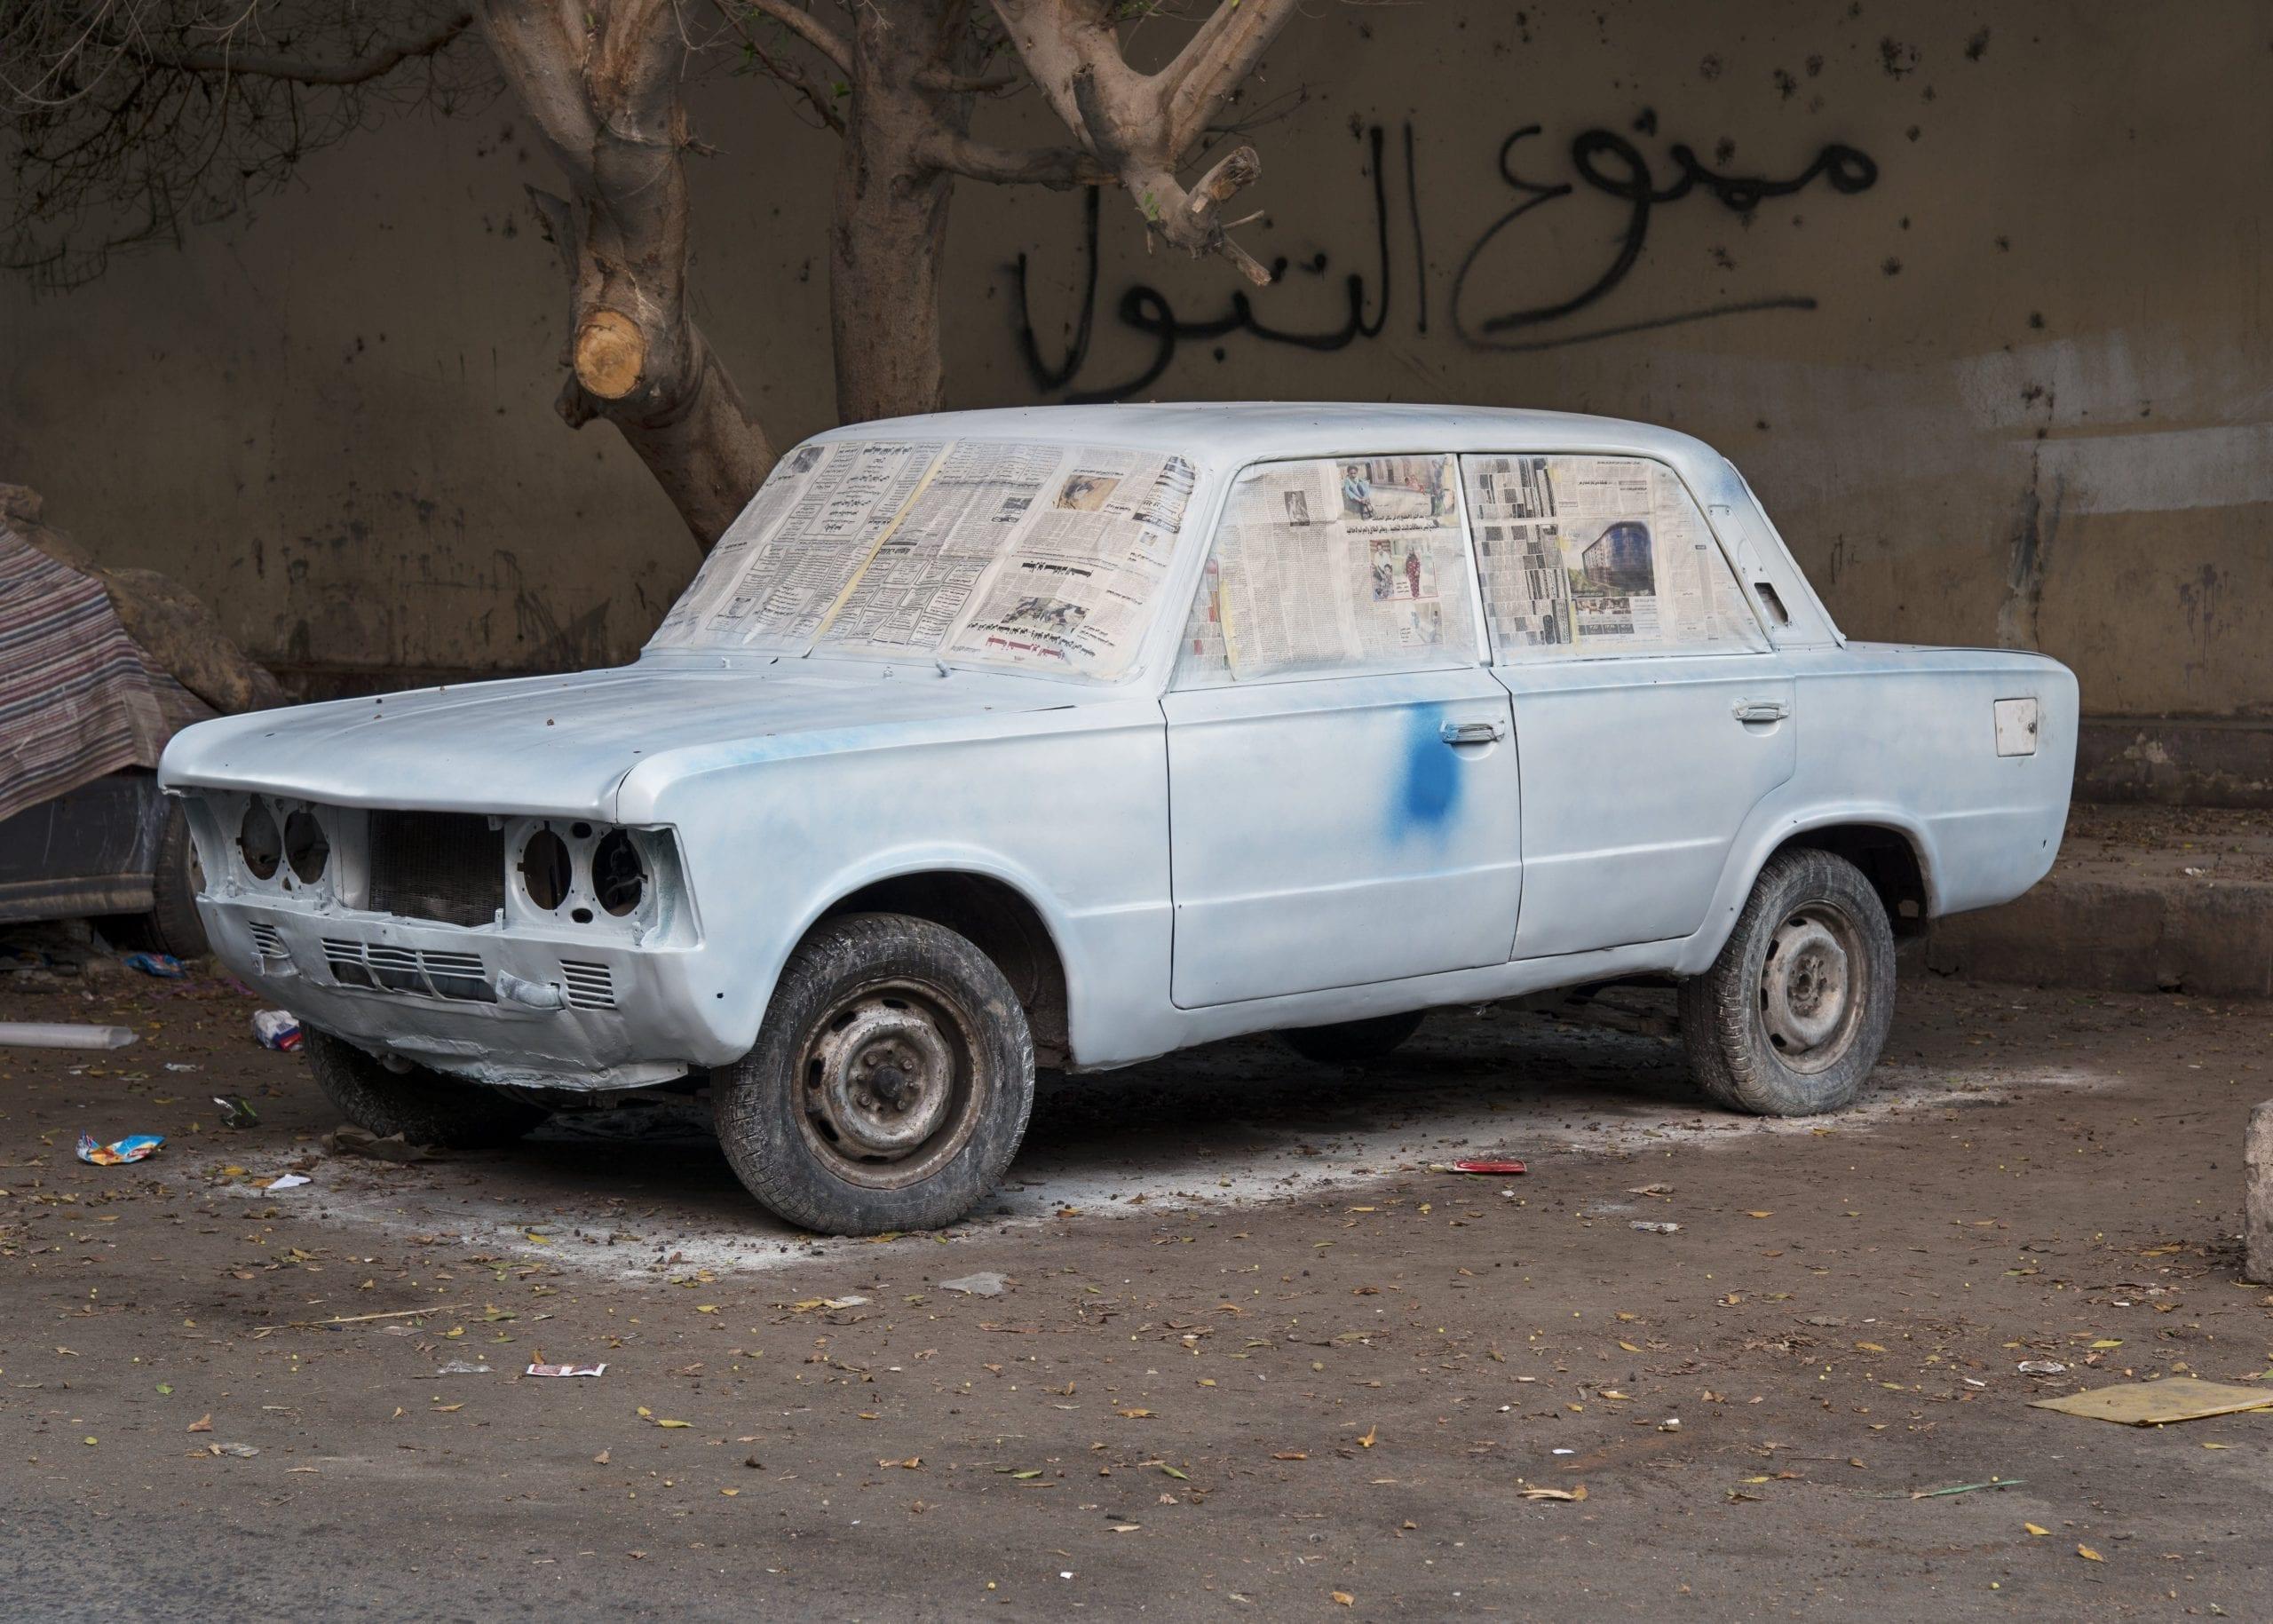 Repainted Car, Dokki